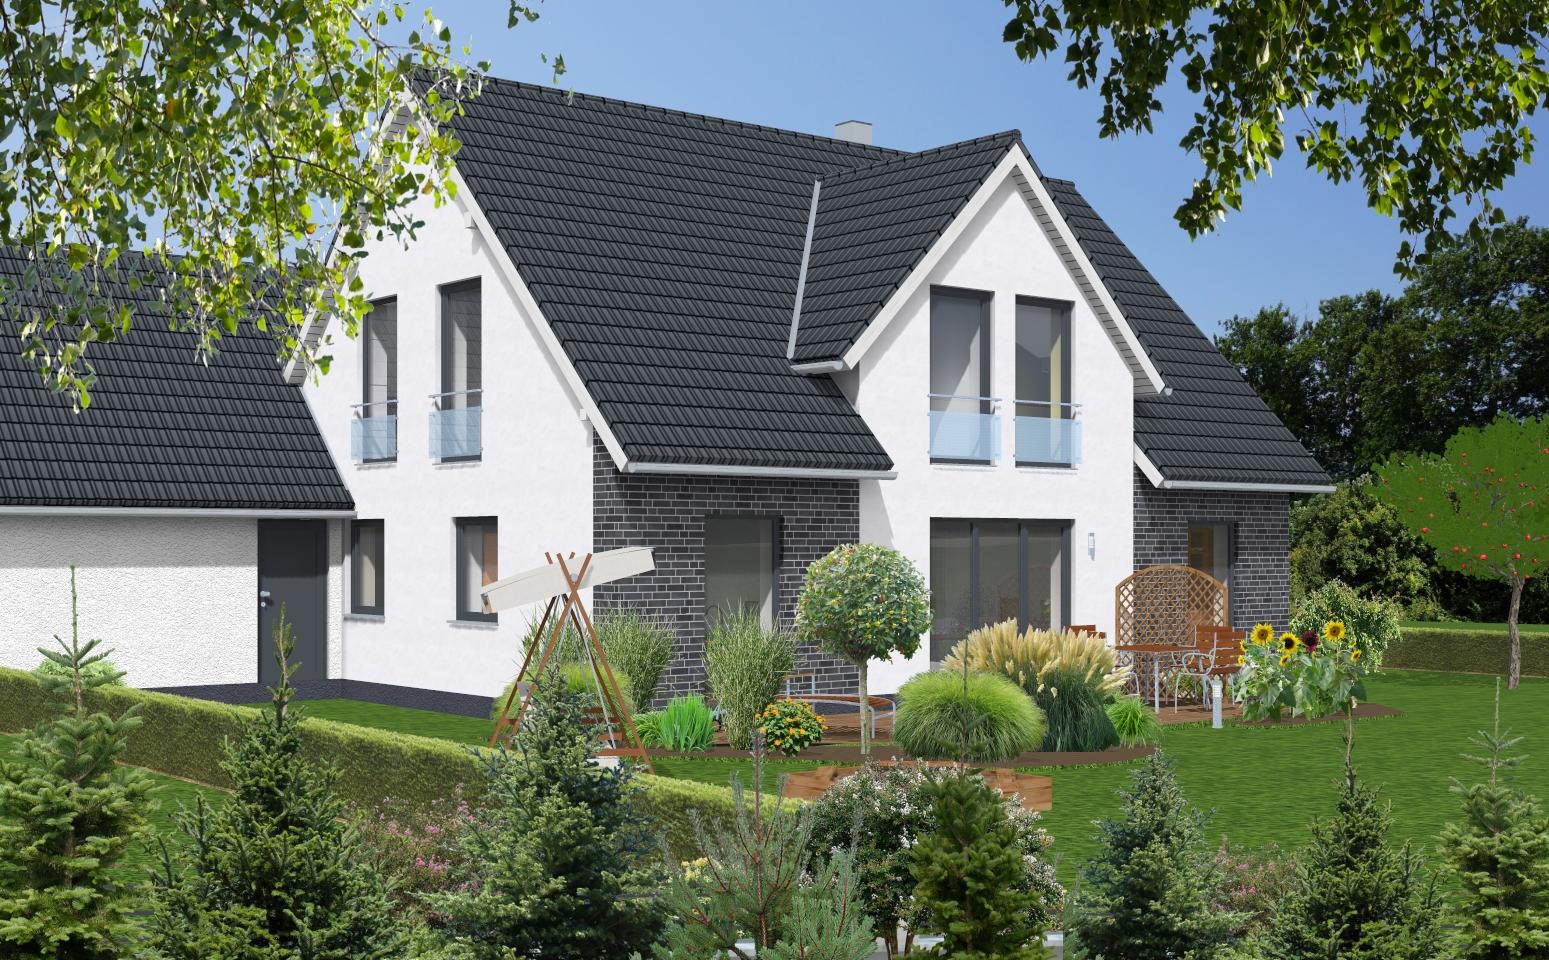 einfamilienhaus 1 160 wapelhorst planen und bauen. Black Bedroom Furniture Sets. Home Design Ideas